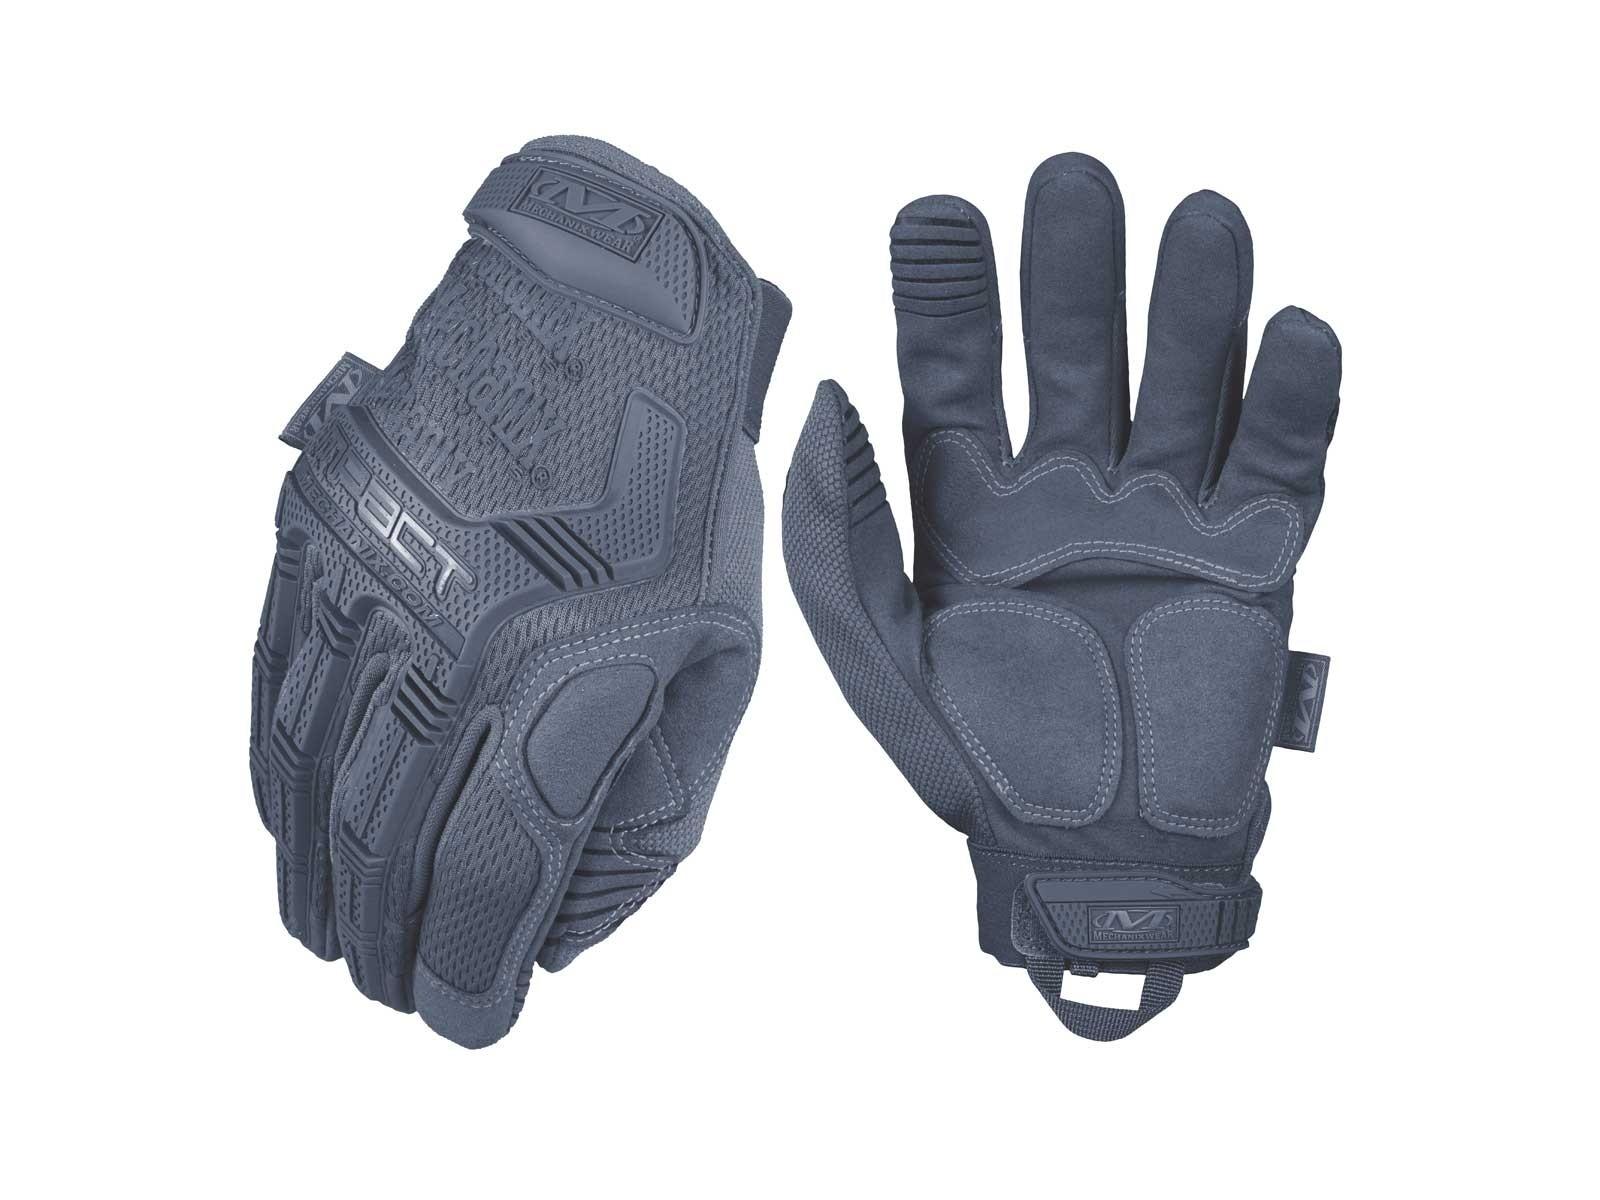 Mechanix M-Pact Wolf Grey Glove - Small